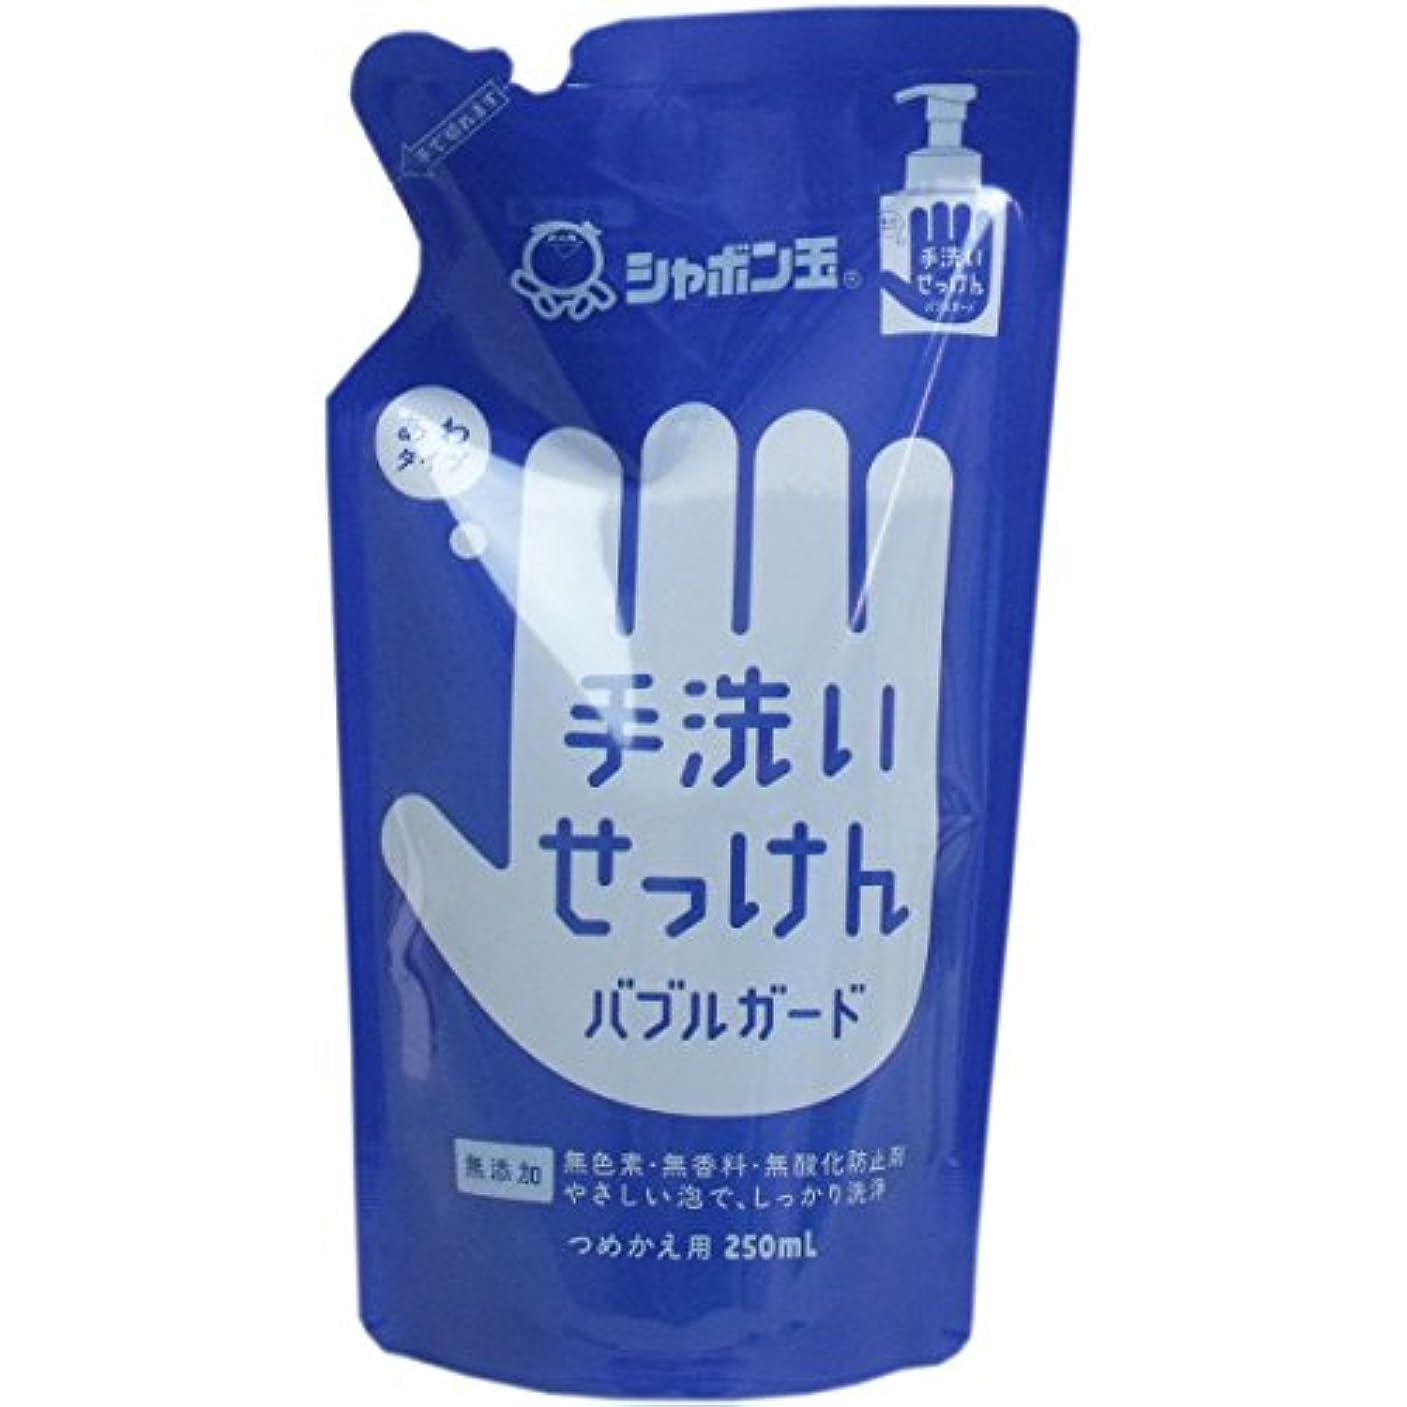 ディスパッチ生きている反射[シャボン玉石けん 1602809] (ケア商品)手洗いせっけん バブルガード 泡タイプ つめかえ用 250ml